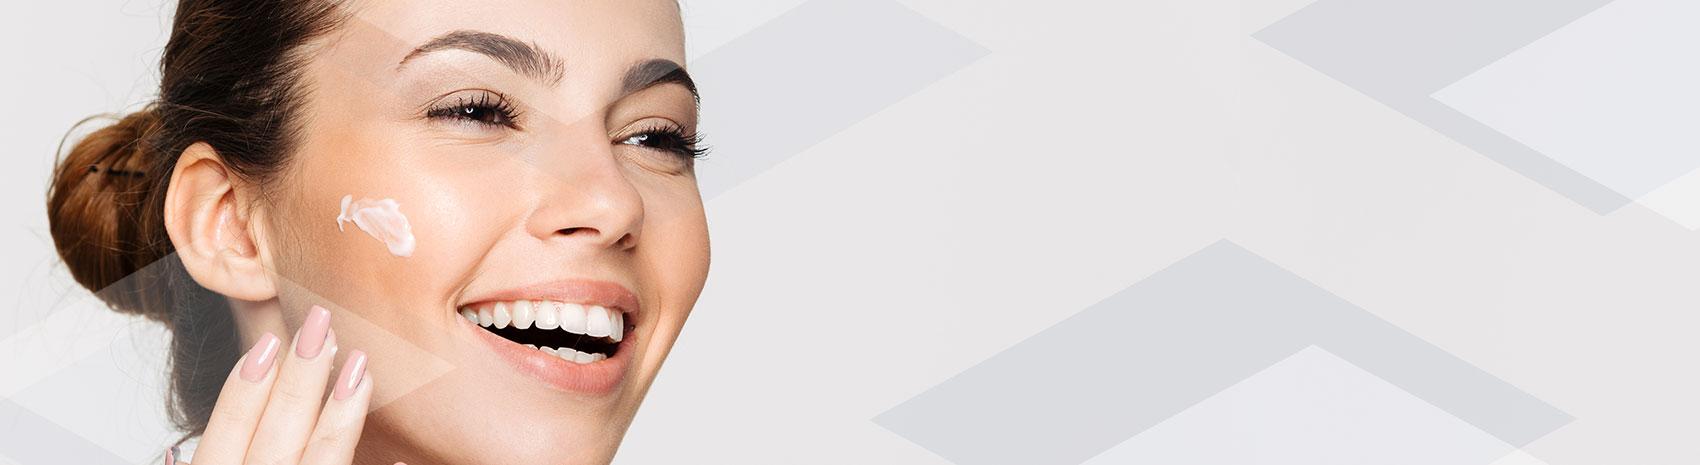 Zoom di ragazza che utilizza crema idratante IBSA con acido ialuronico